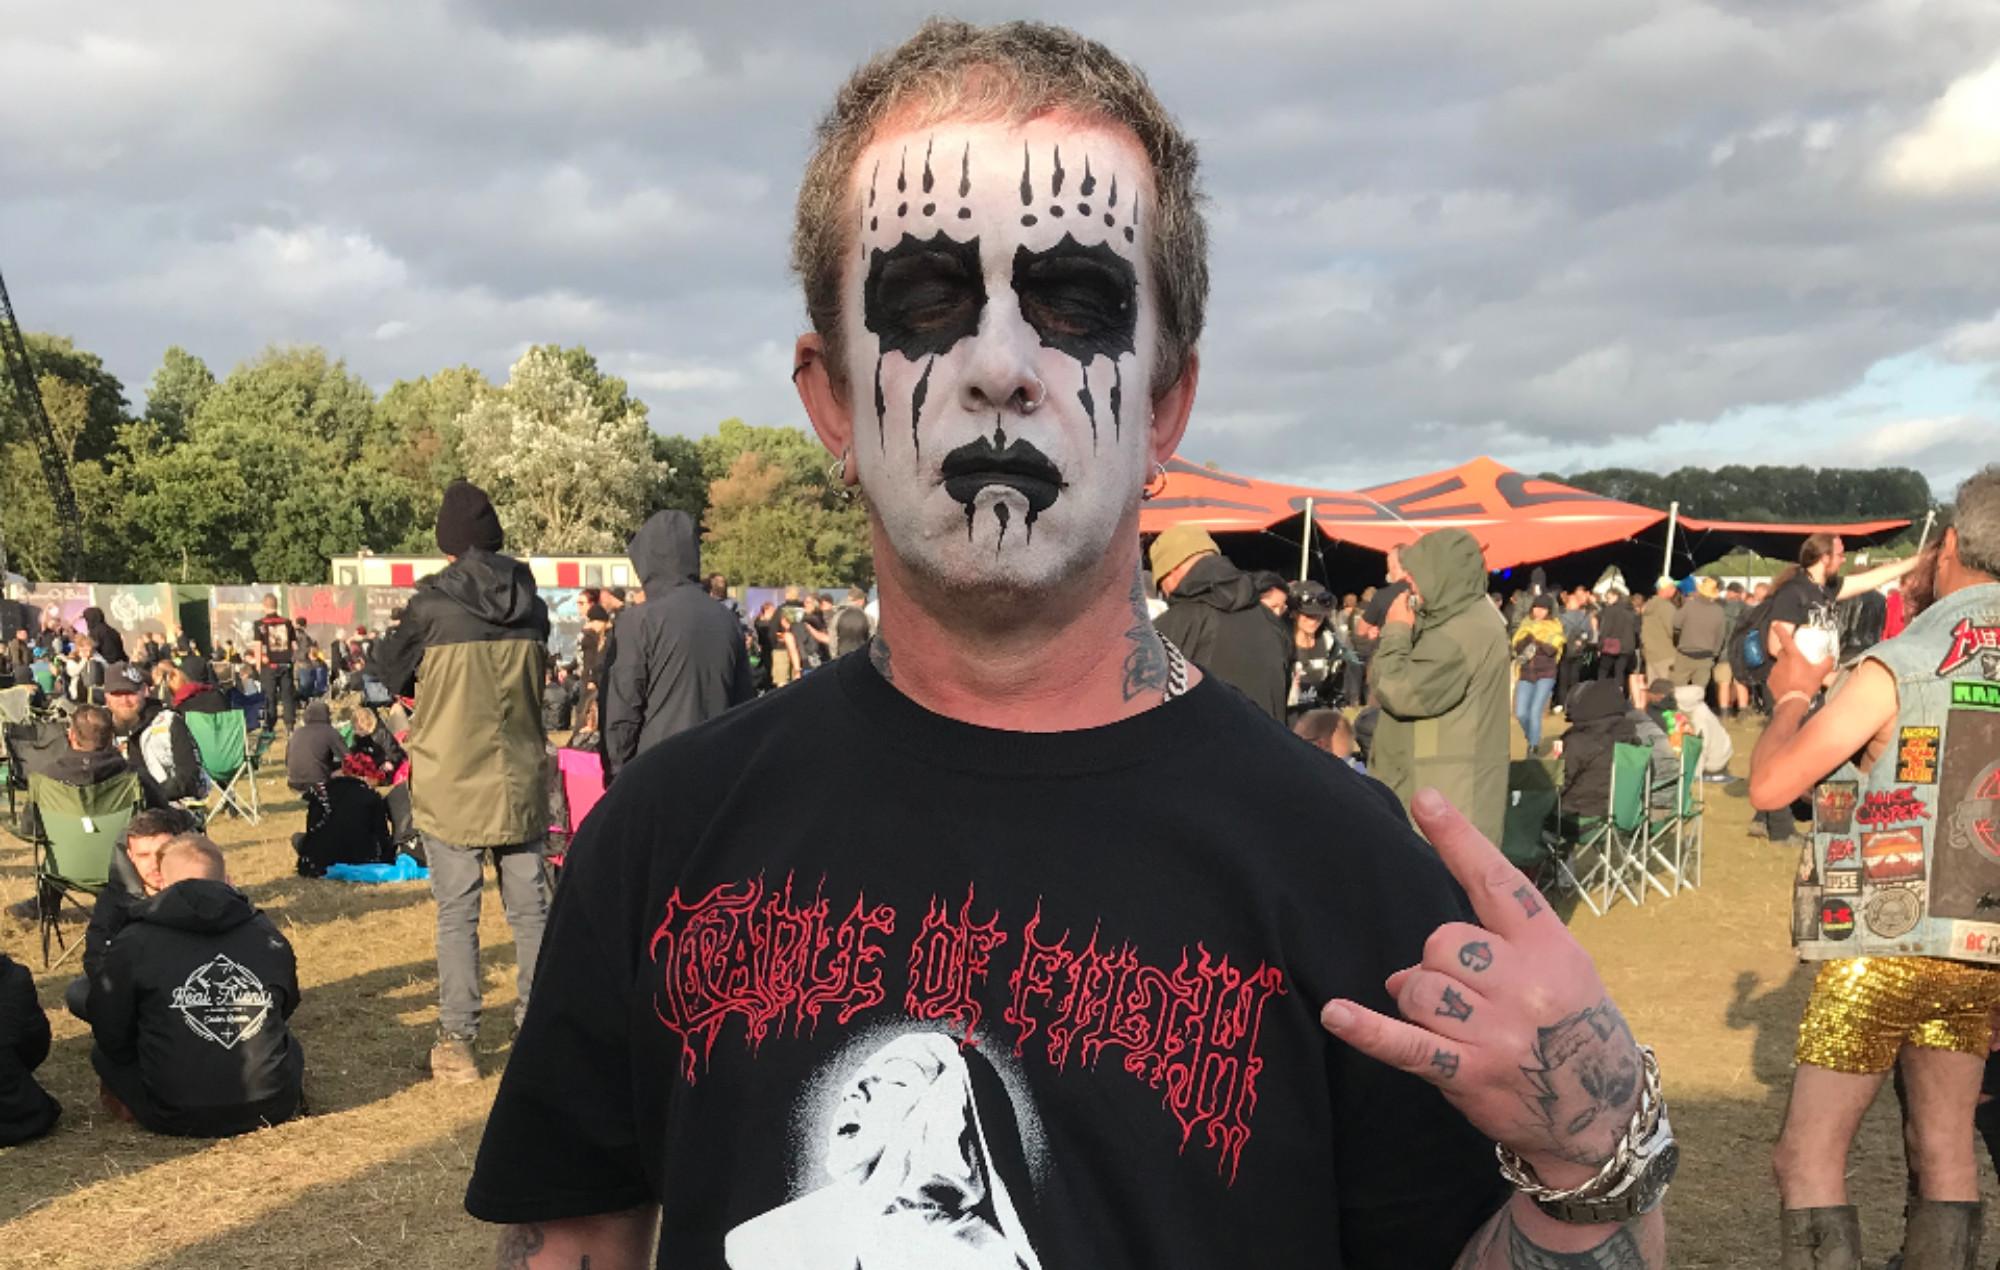 Bloodstock festival goers